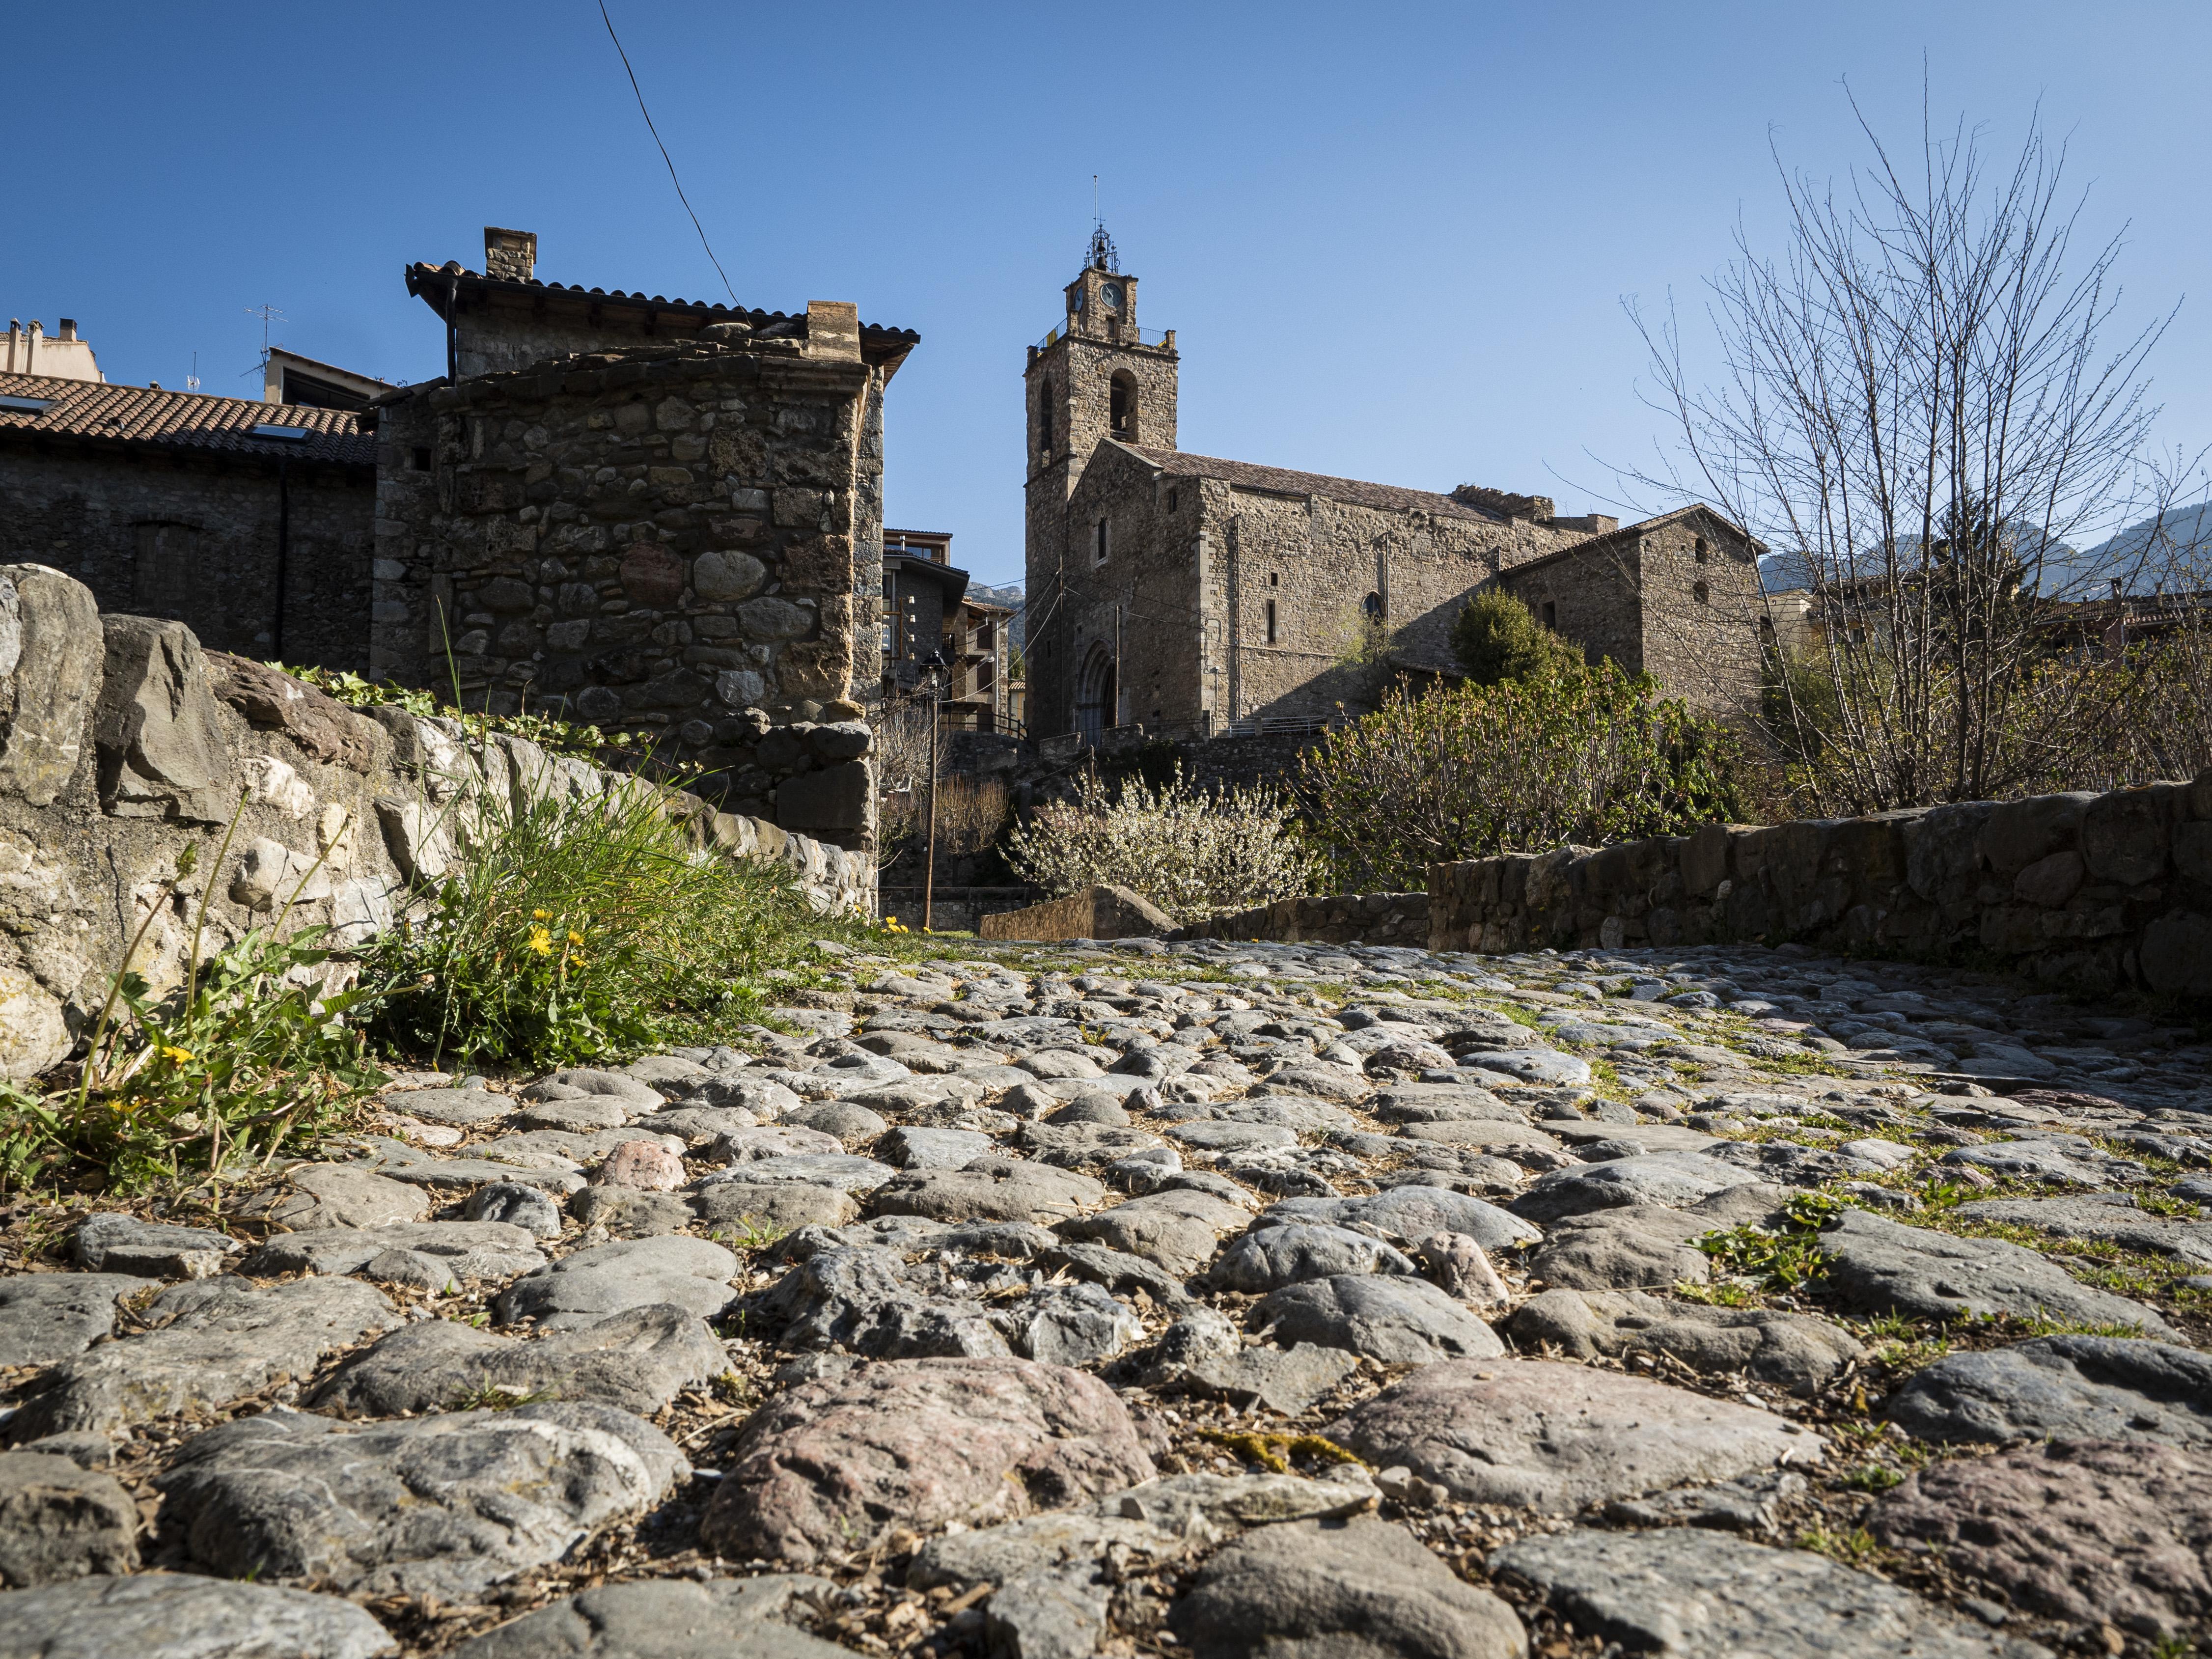 Bagà, una vila medieval 2. FOTO: Anna E. Puig